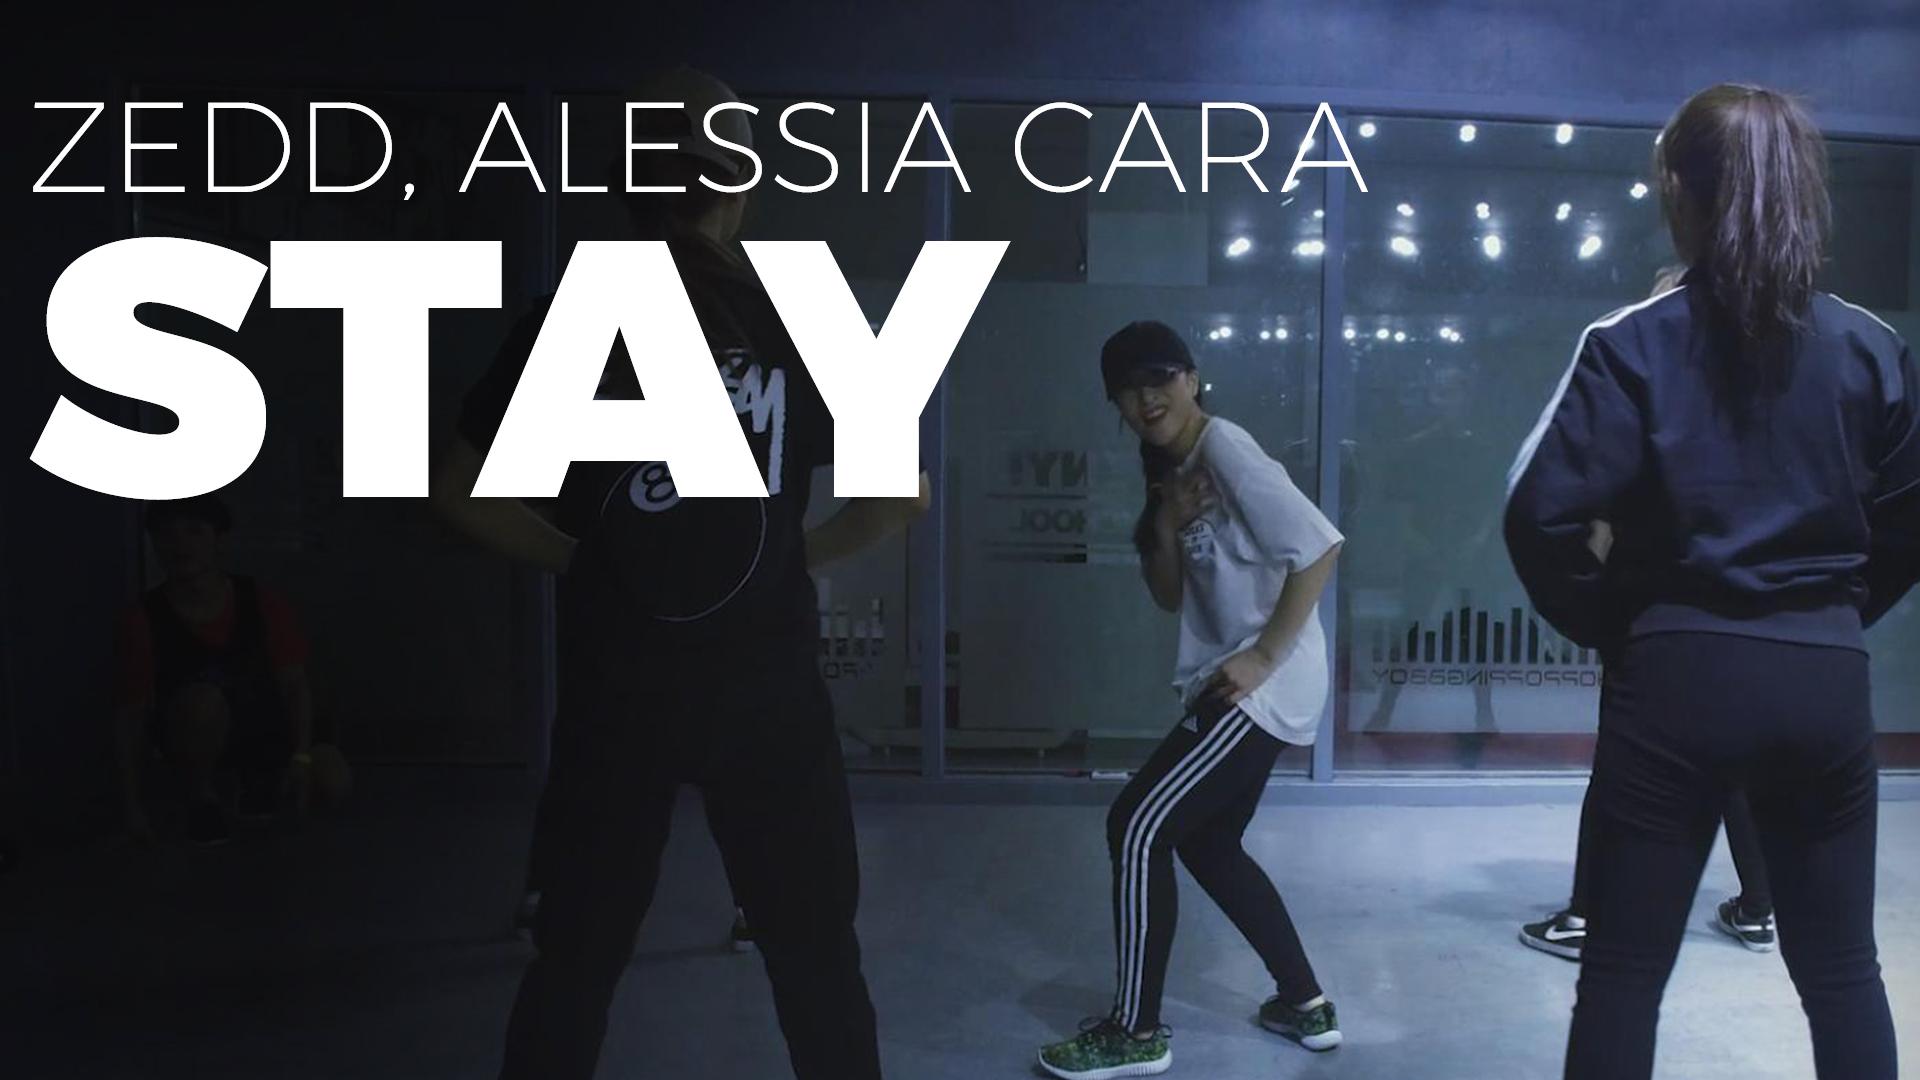 Zedd, Alessia Cara – Stay (choroegraphy_Bora)